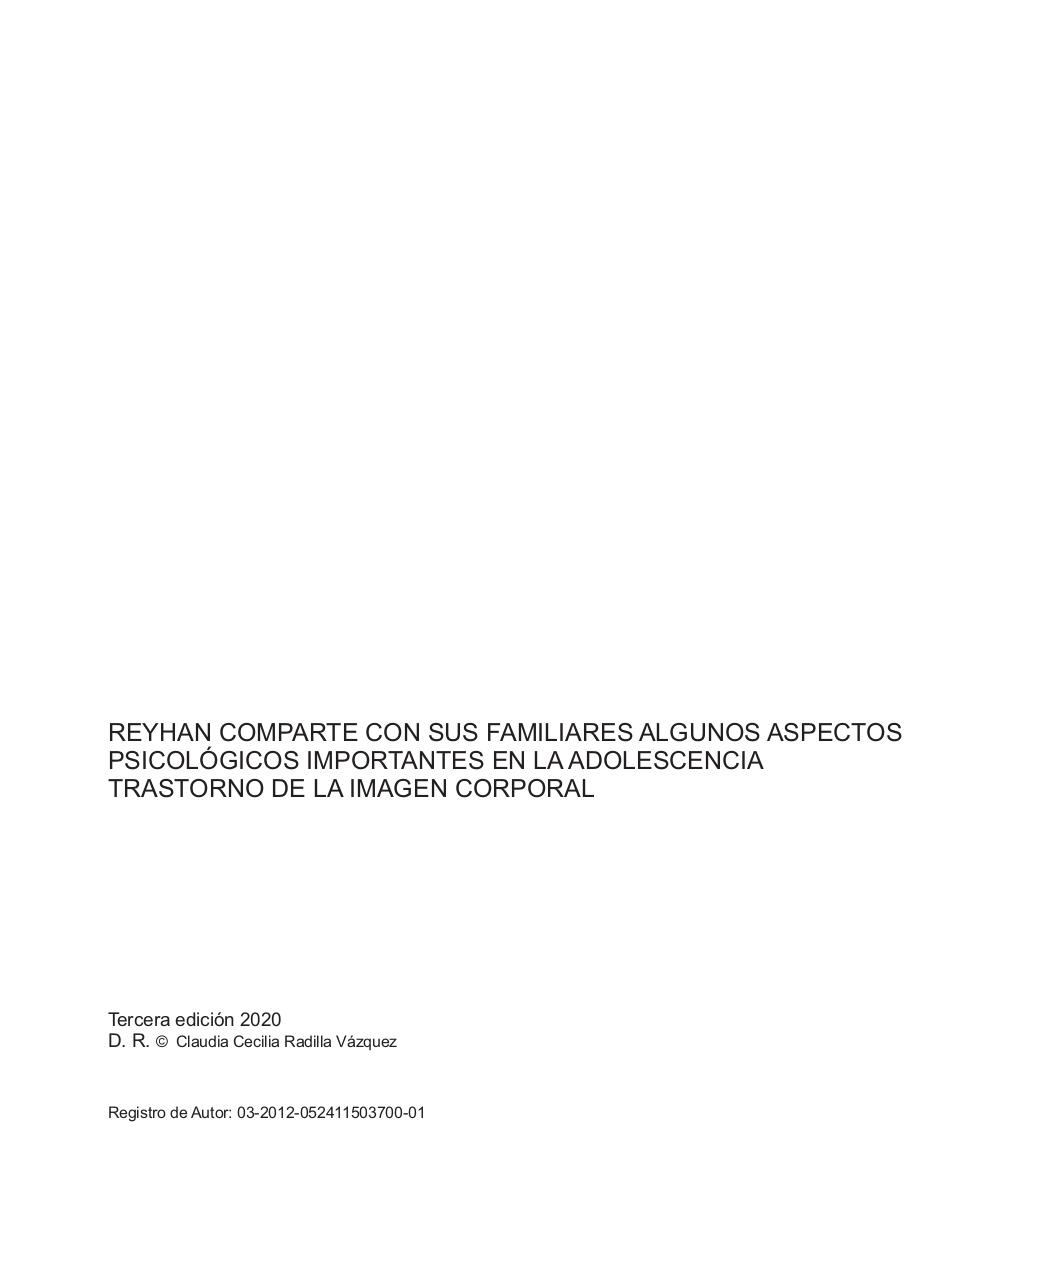 Psicología padres Reyhan cap2 digital_page-0003